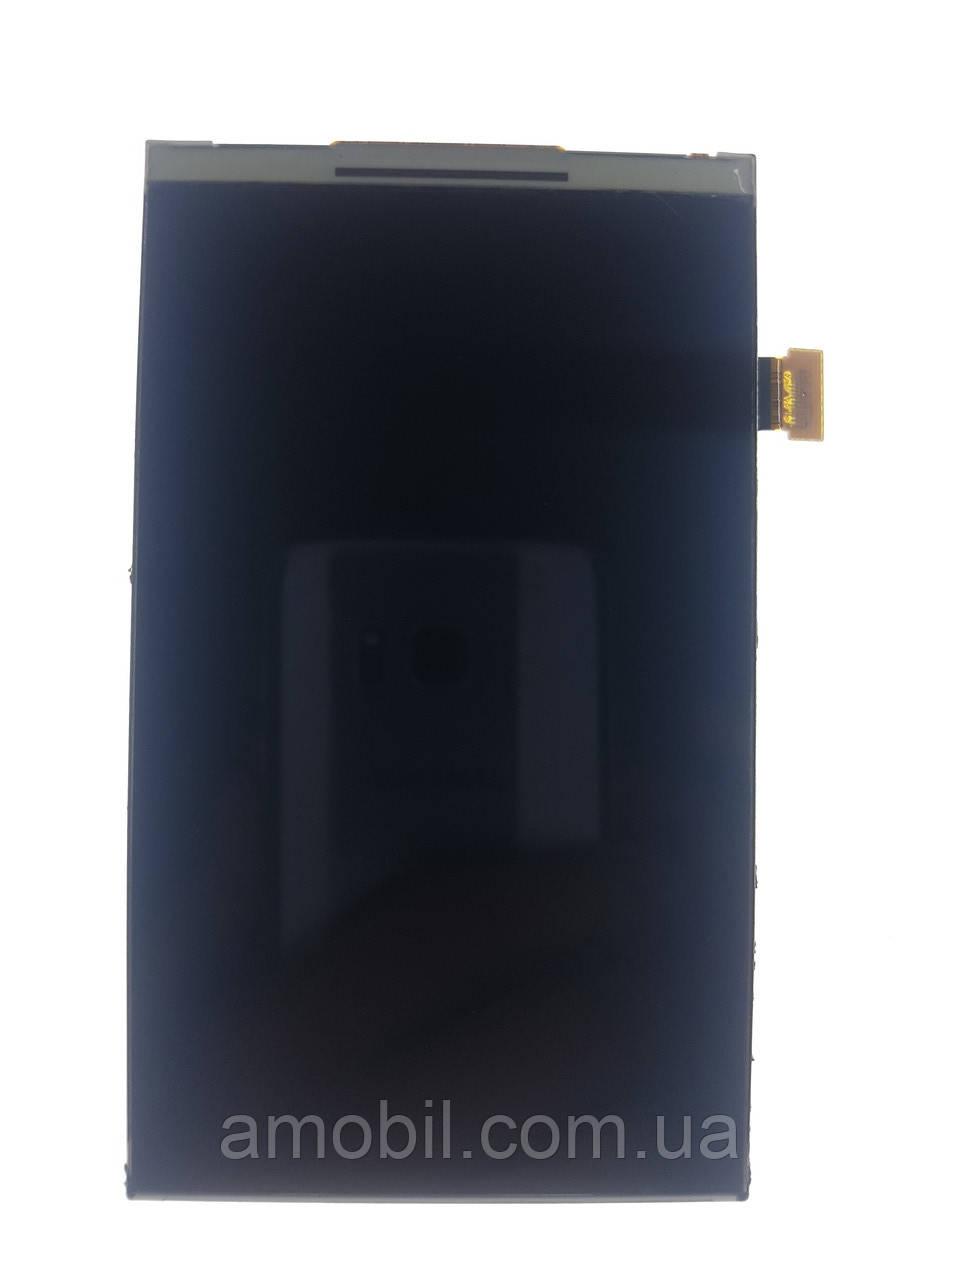 Дисплей Samsung i8550/i8552/i8580 Galaxy Win  orig